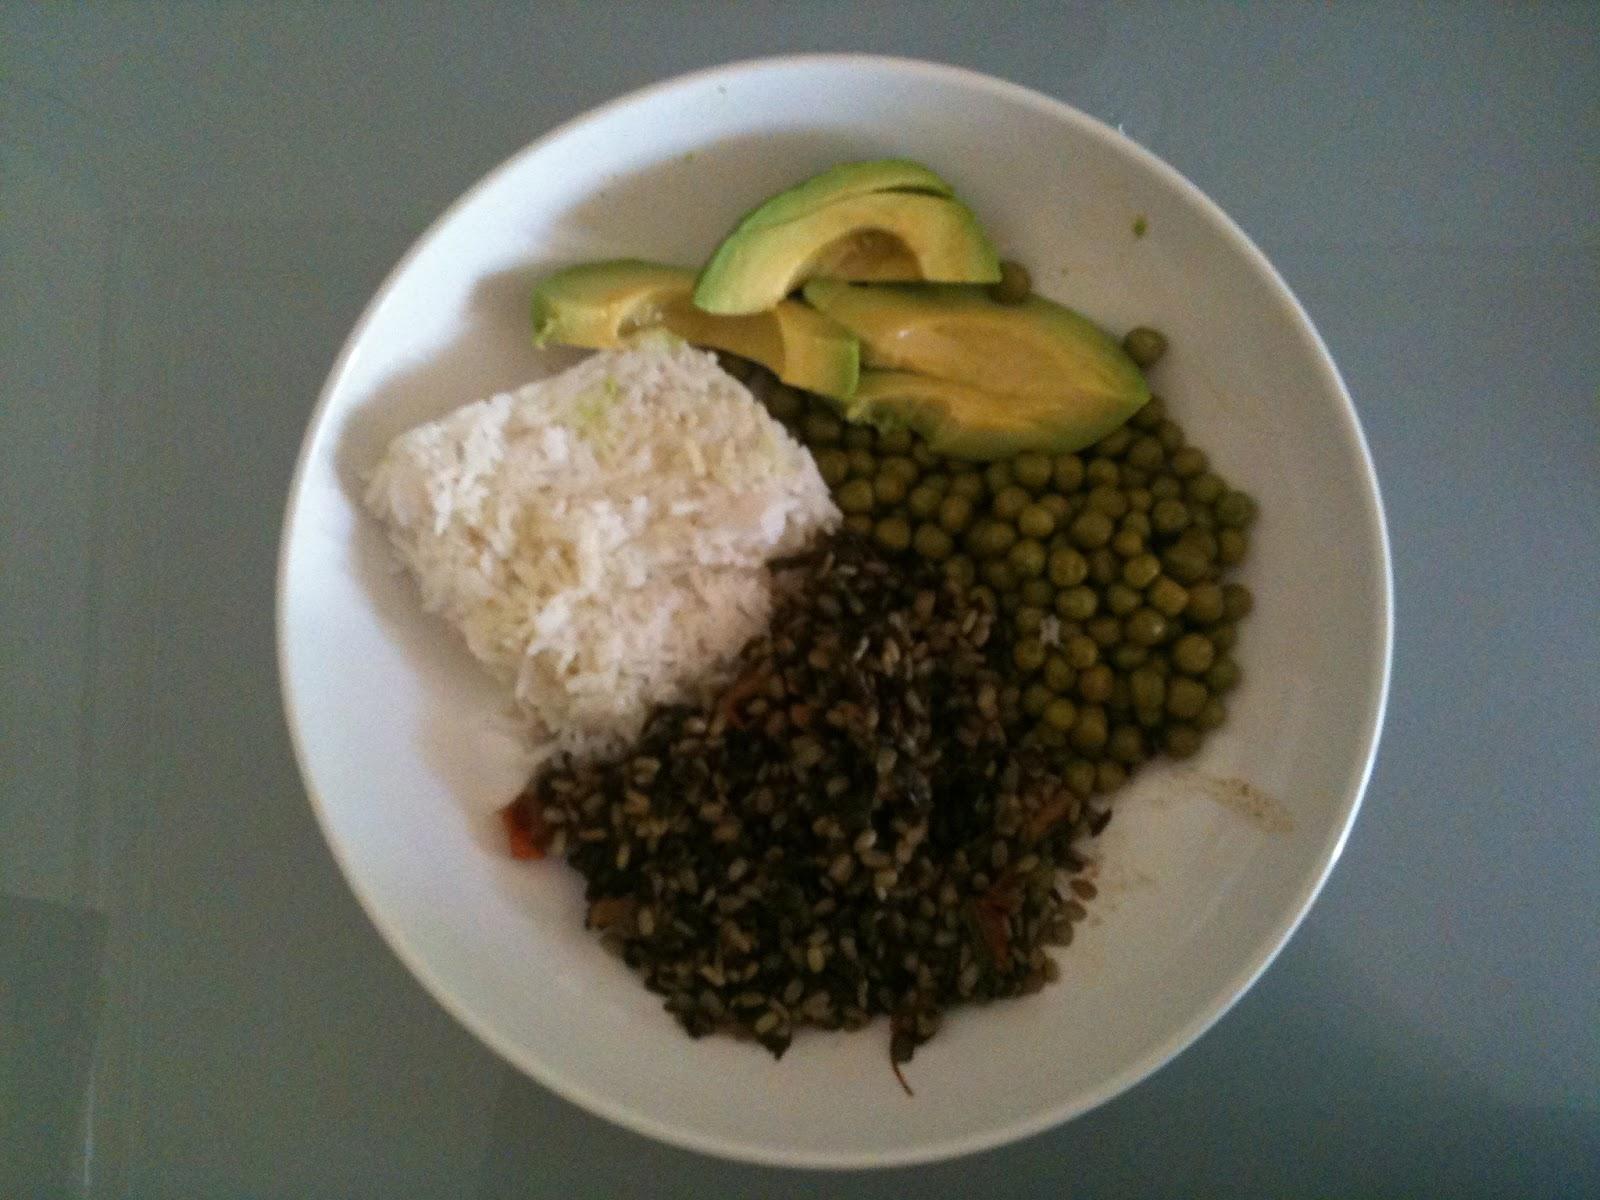 Le blog on mange sans lait et sans gluten partie 1 - Absorber l humidite avec du riz ...